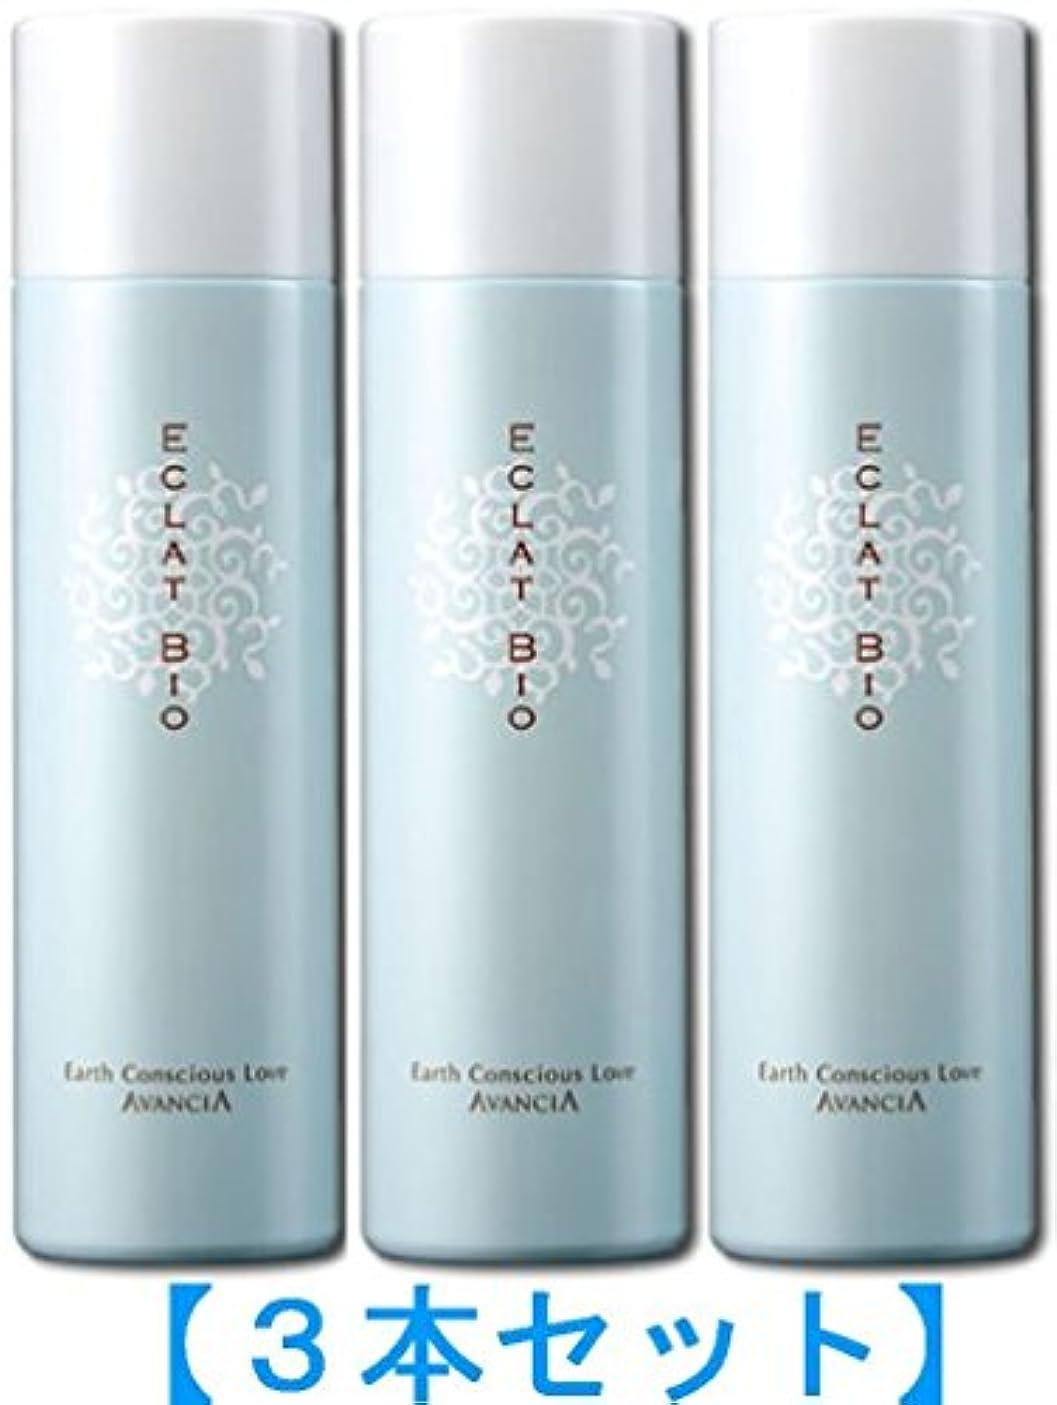 アーサー流行しているニッケル高濃度炭酸ミスト化粧水 エクラビオ ミラクルエレキミストお得用150g×3本セット